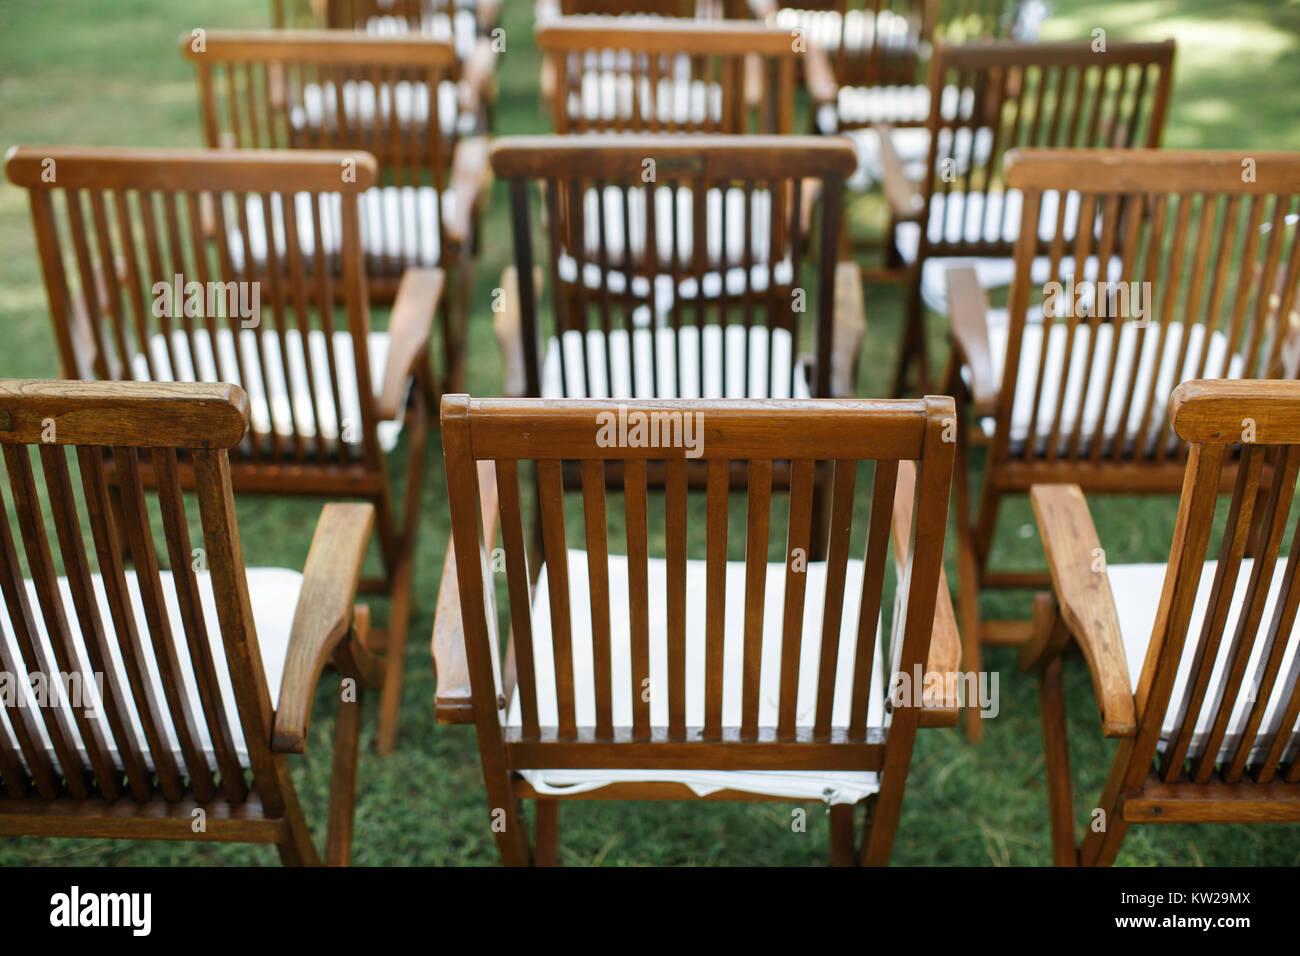 Stock Sedie Di Legno.Sedie Di Legno Sull Erba La Cerimonia Nuziale Foto Immagine Stock